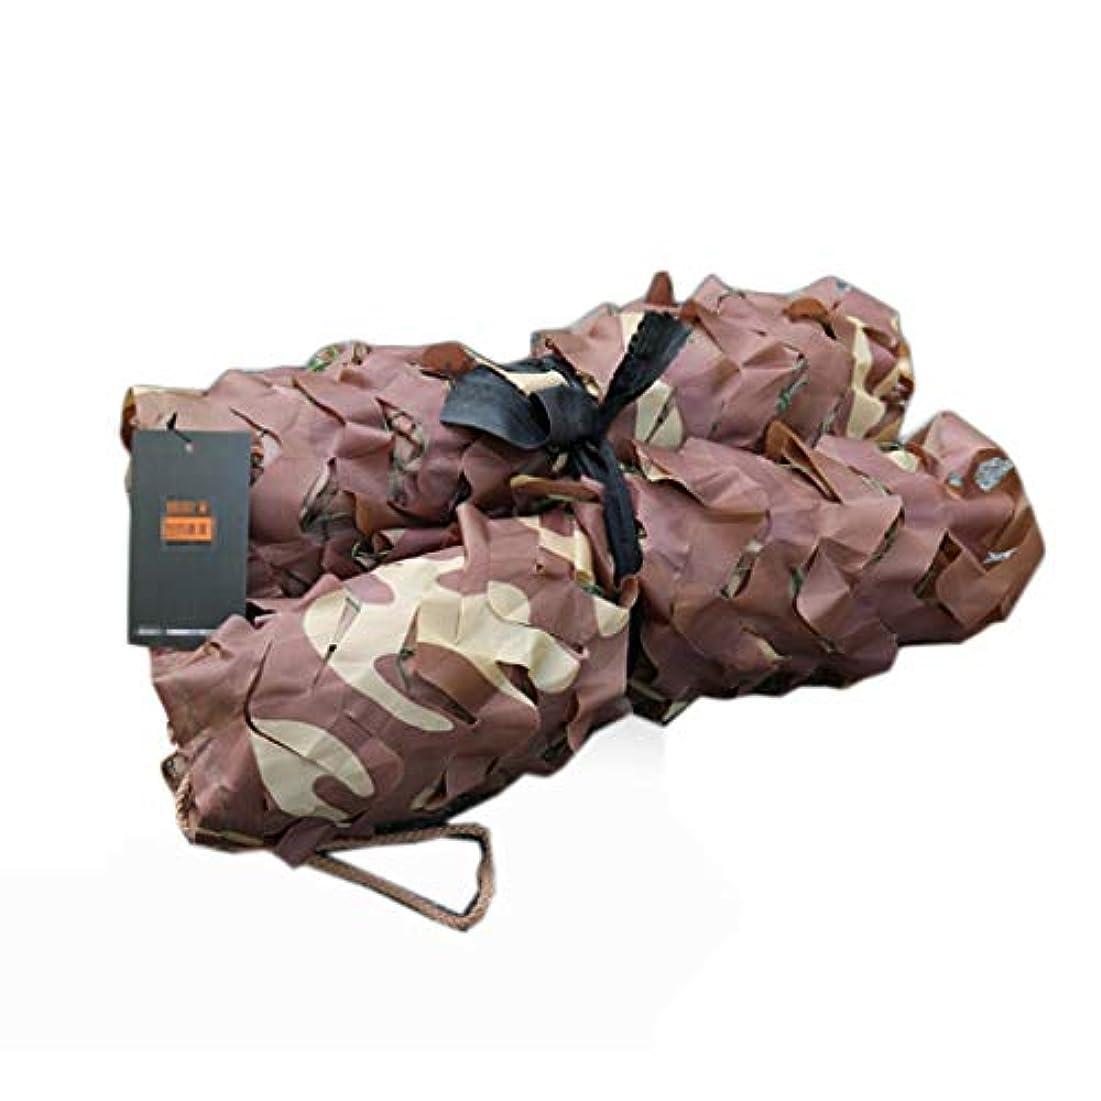 データム争いナンセンス家庭用防水シート カモフラージュネット、狩猟キャンプ用屋外砂漠の森隠し車の装飾シェードネット、砂漠の迷彩 商品を覆うバルコニー (Size : 8*10M)